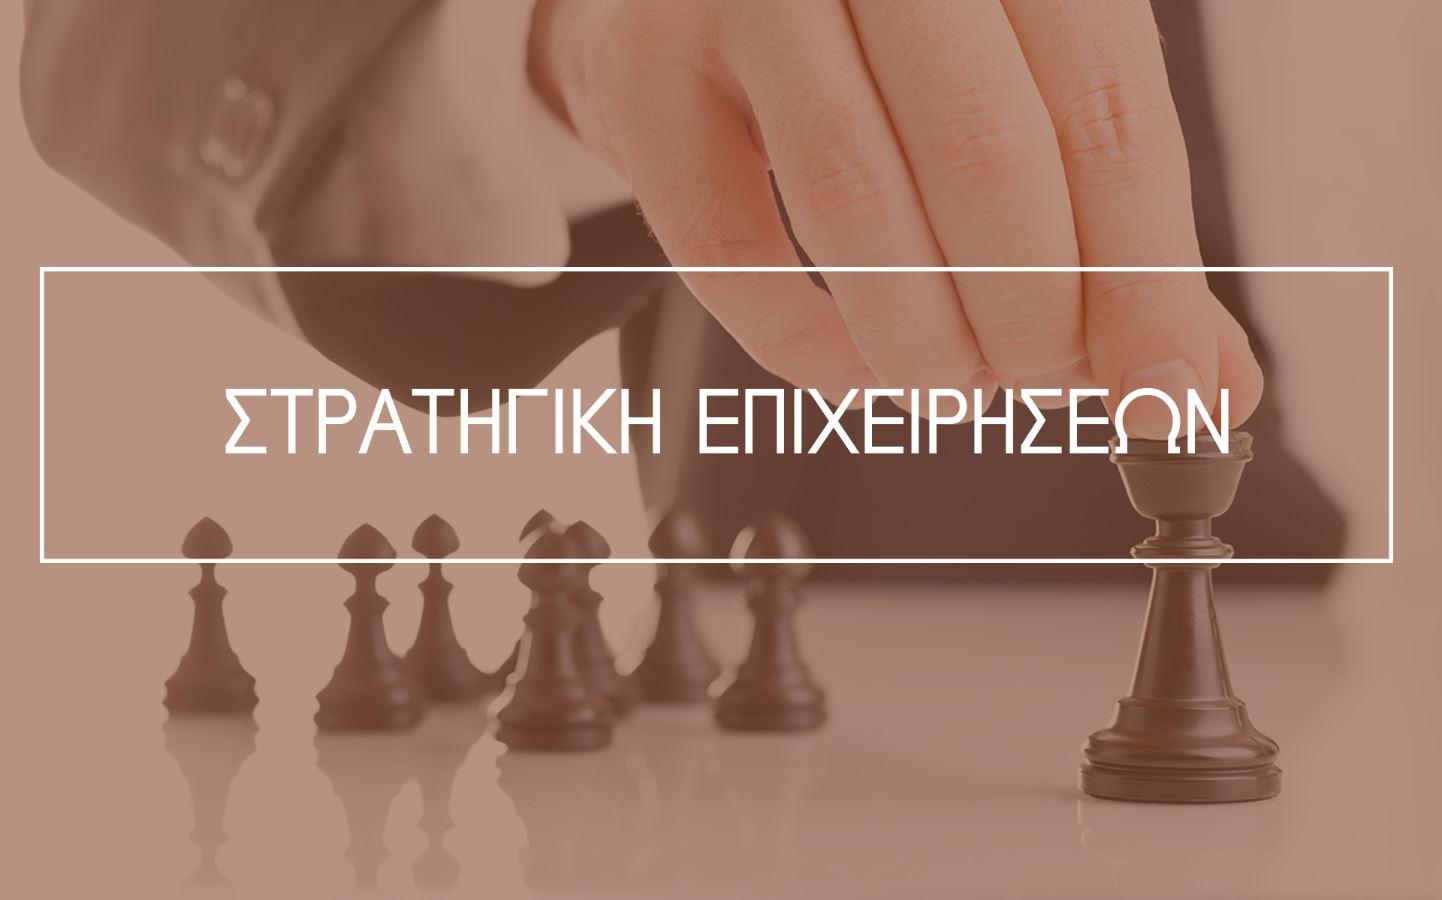 stratigikh-epixeiriseawn-1